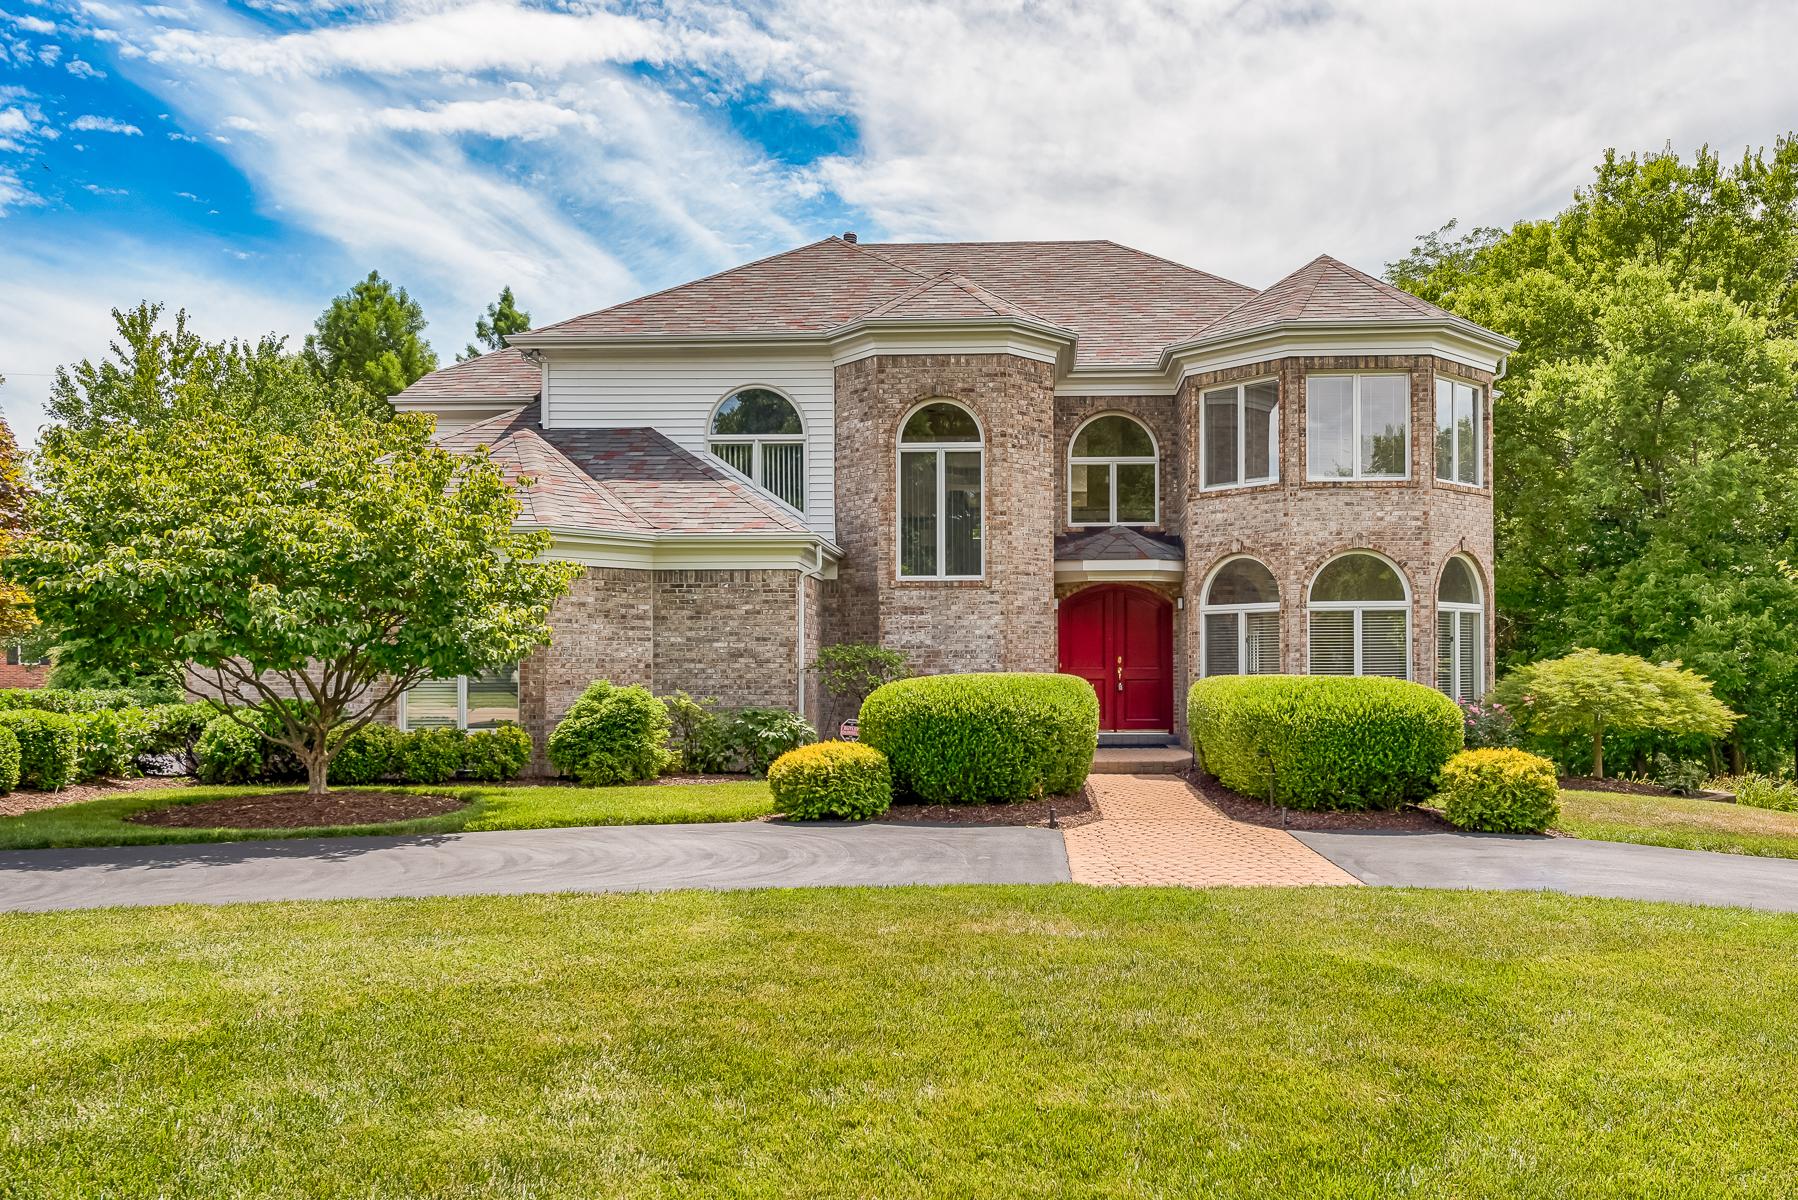 Casa Unifamiliar por un Venta en Pointe Ct 11211 Pointe Ct St. Louis, Missouri, 63127 Estados Unidos